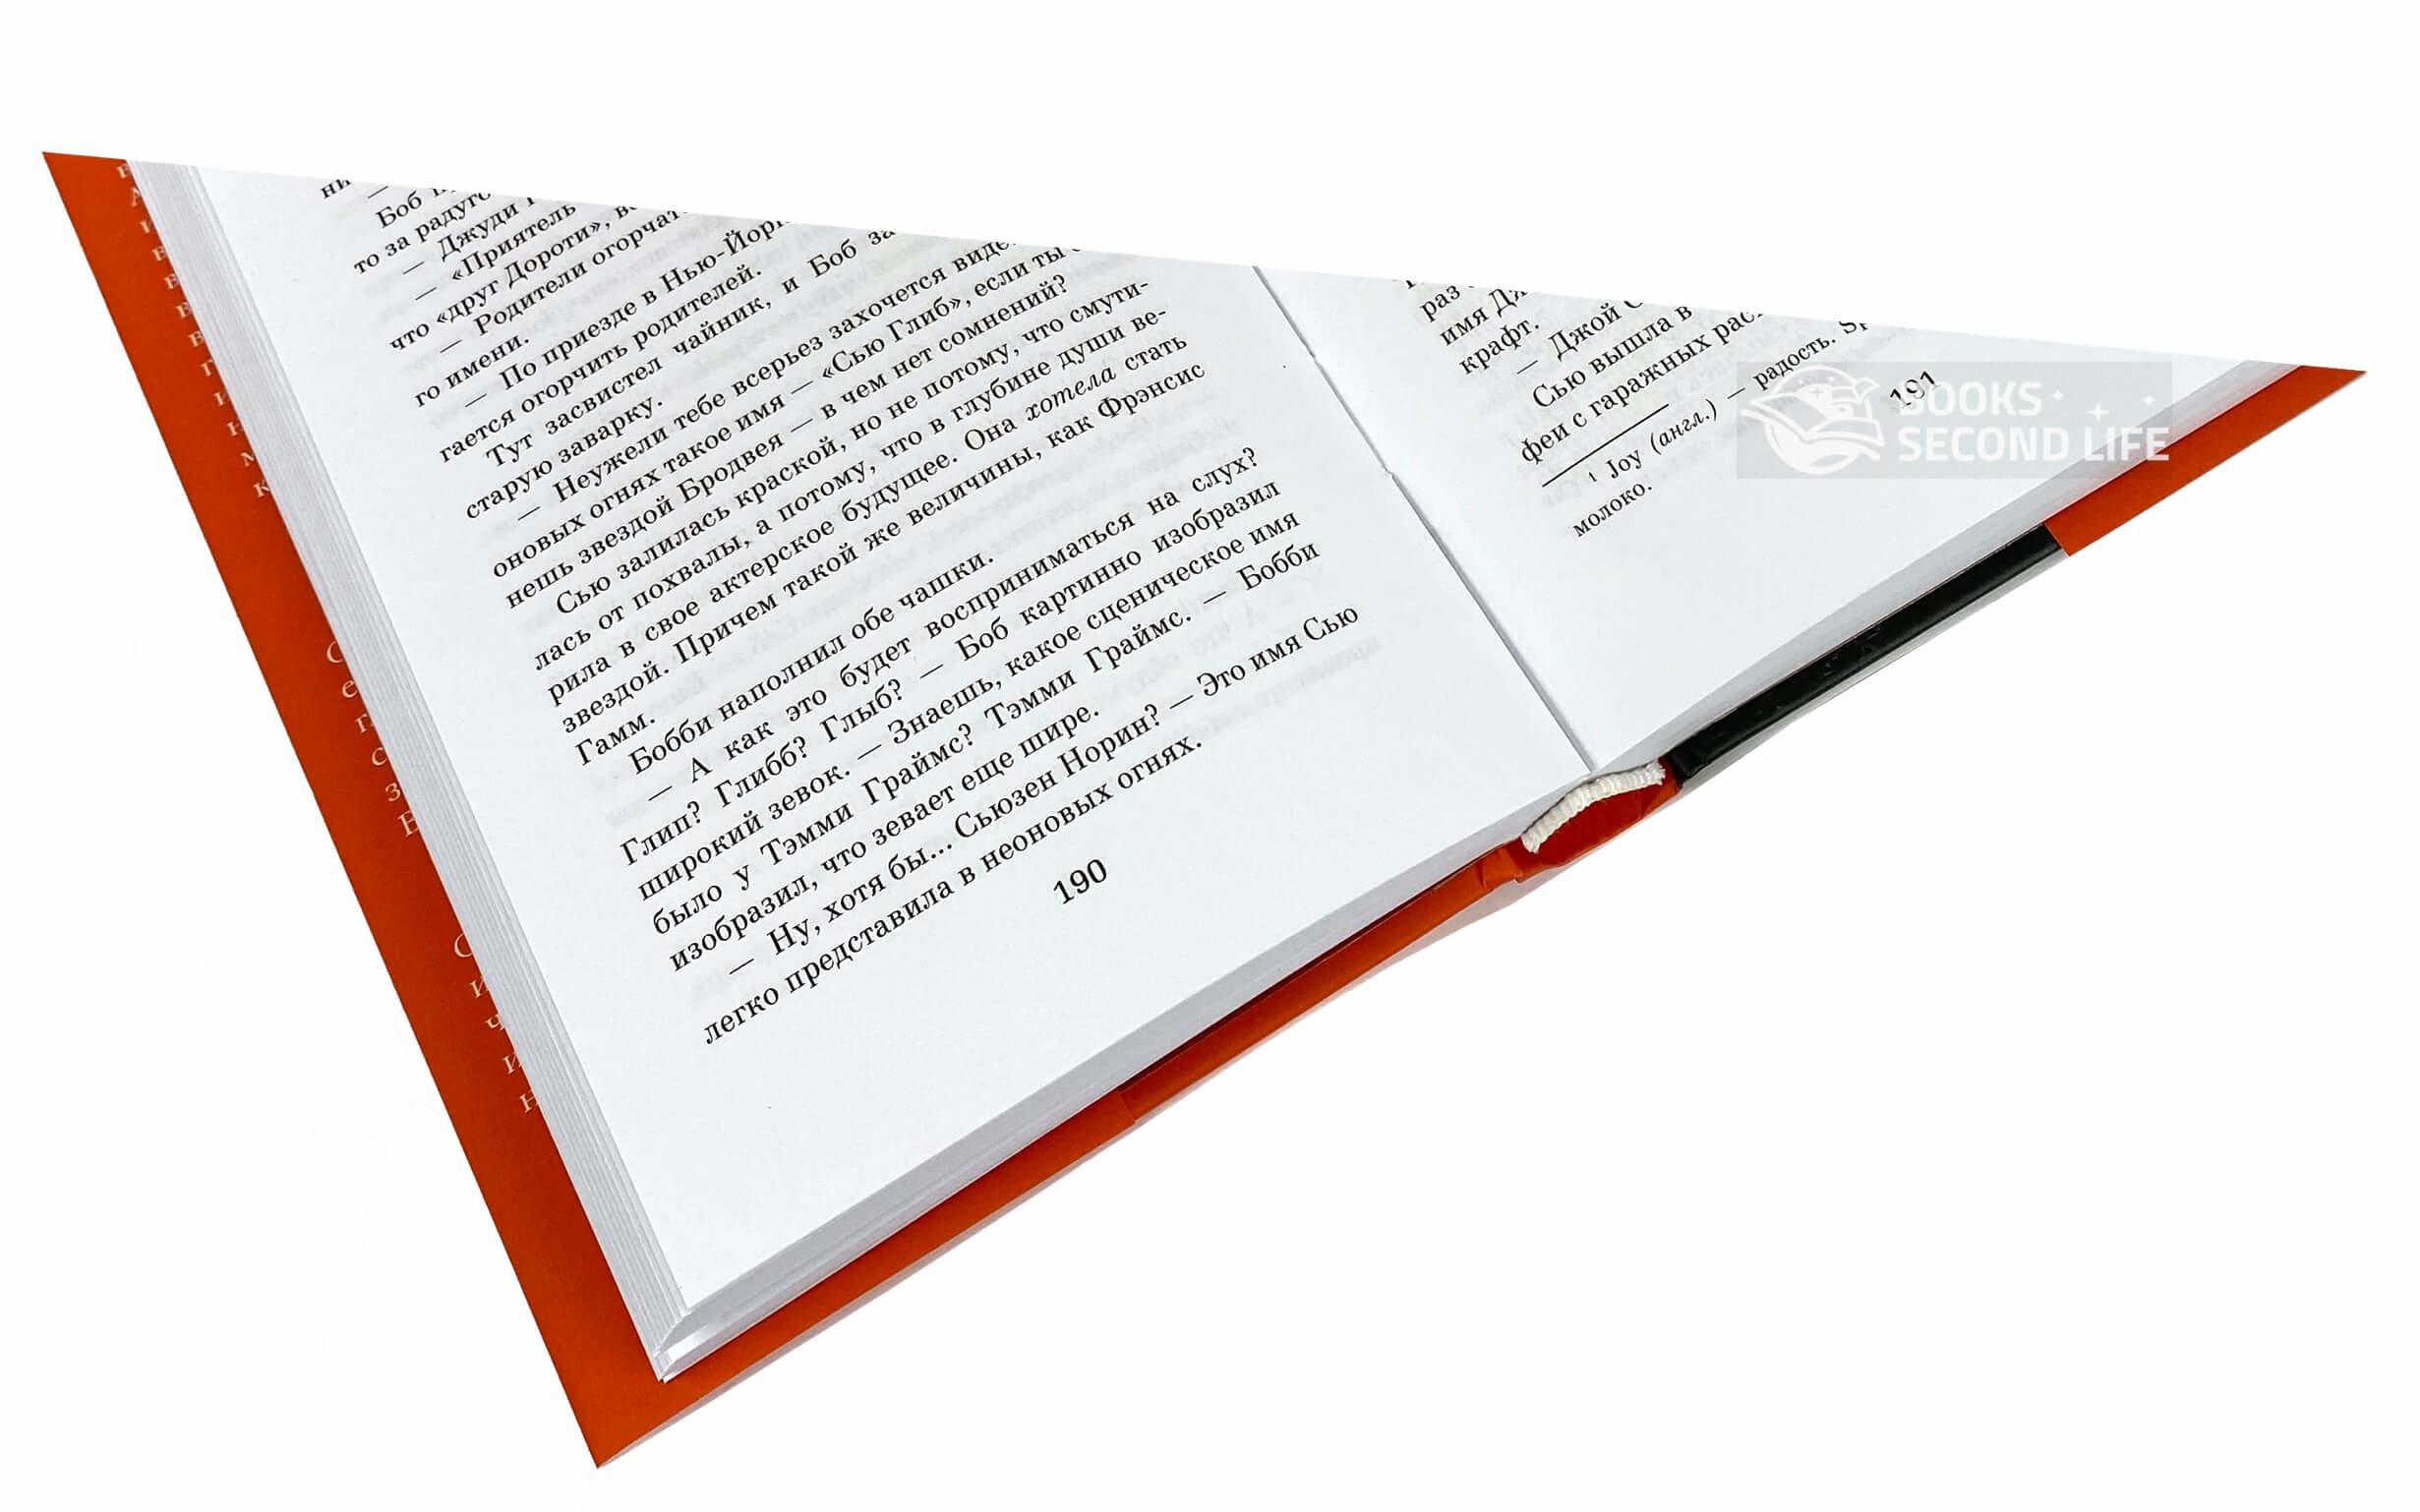 Уникальный экземпляр. Истории о том о сём. Автор — Том Хэнкс. Переплет —